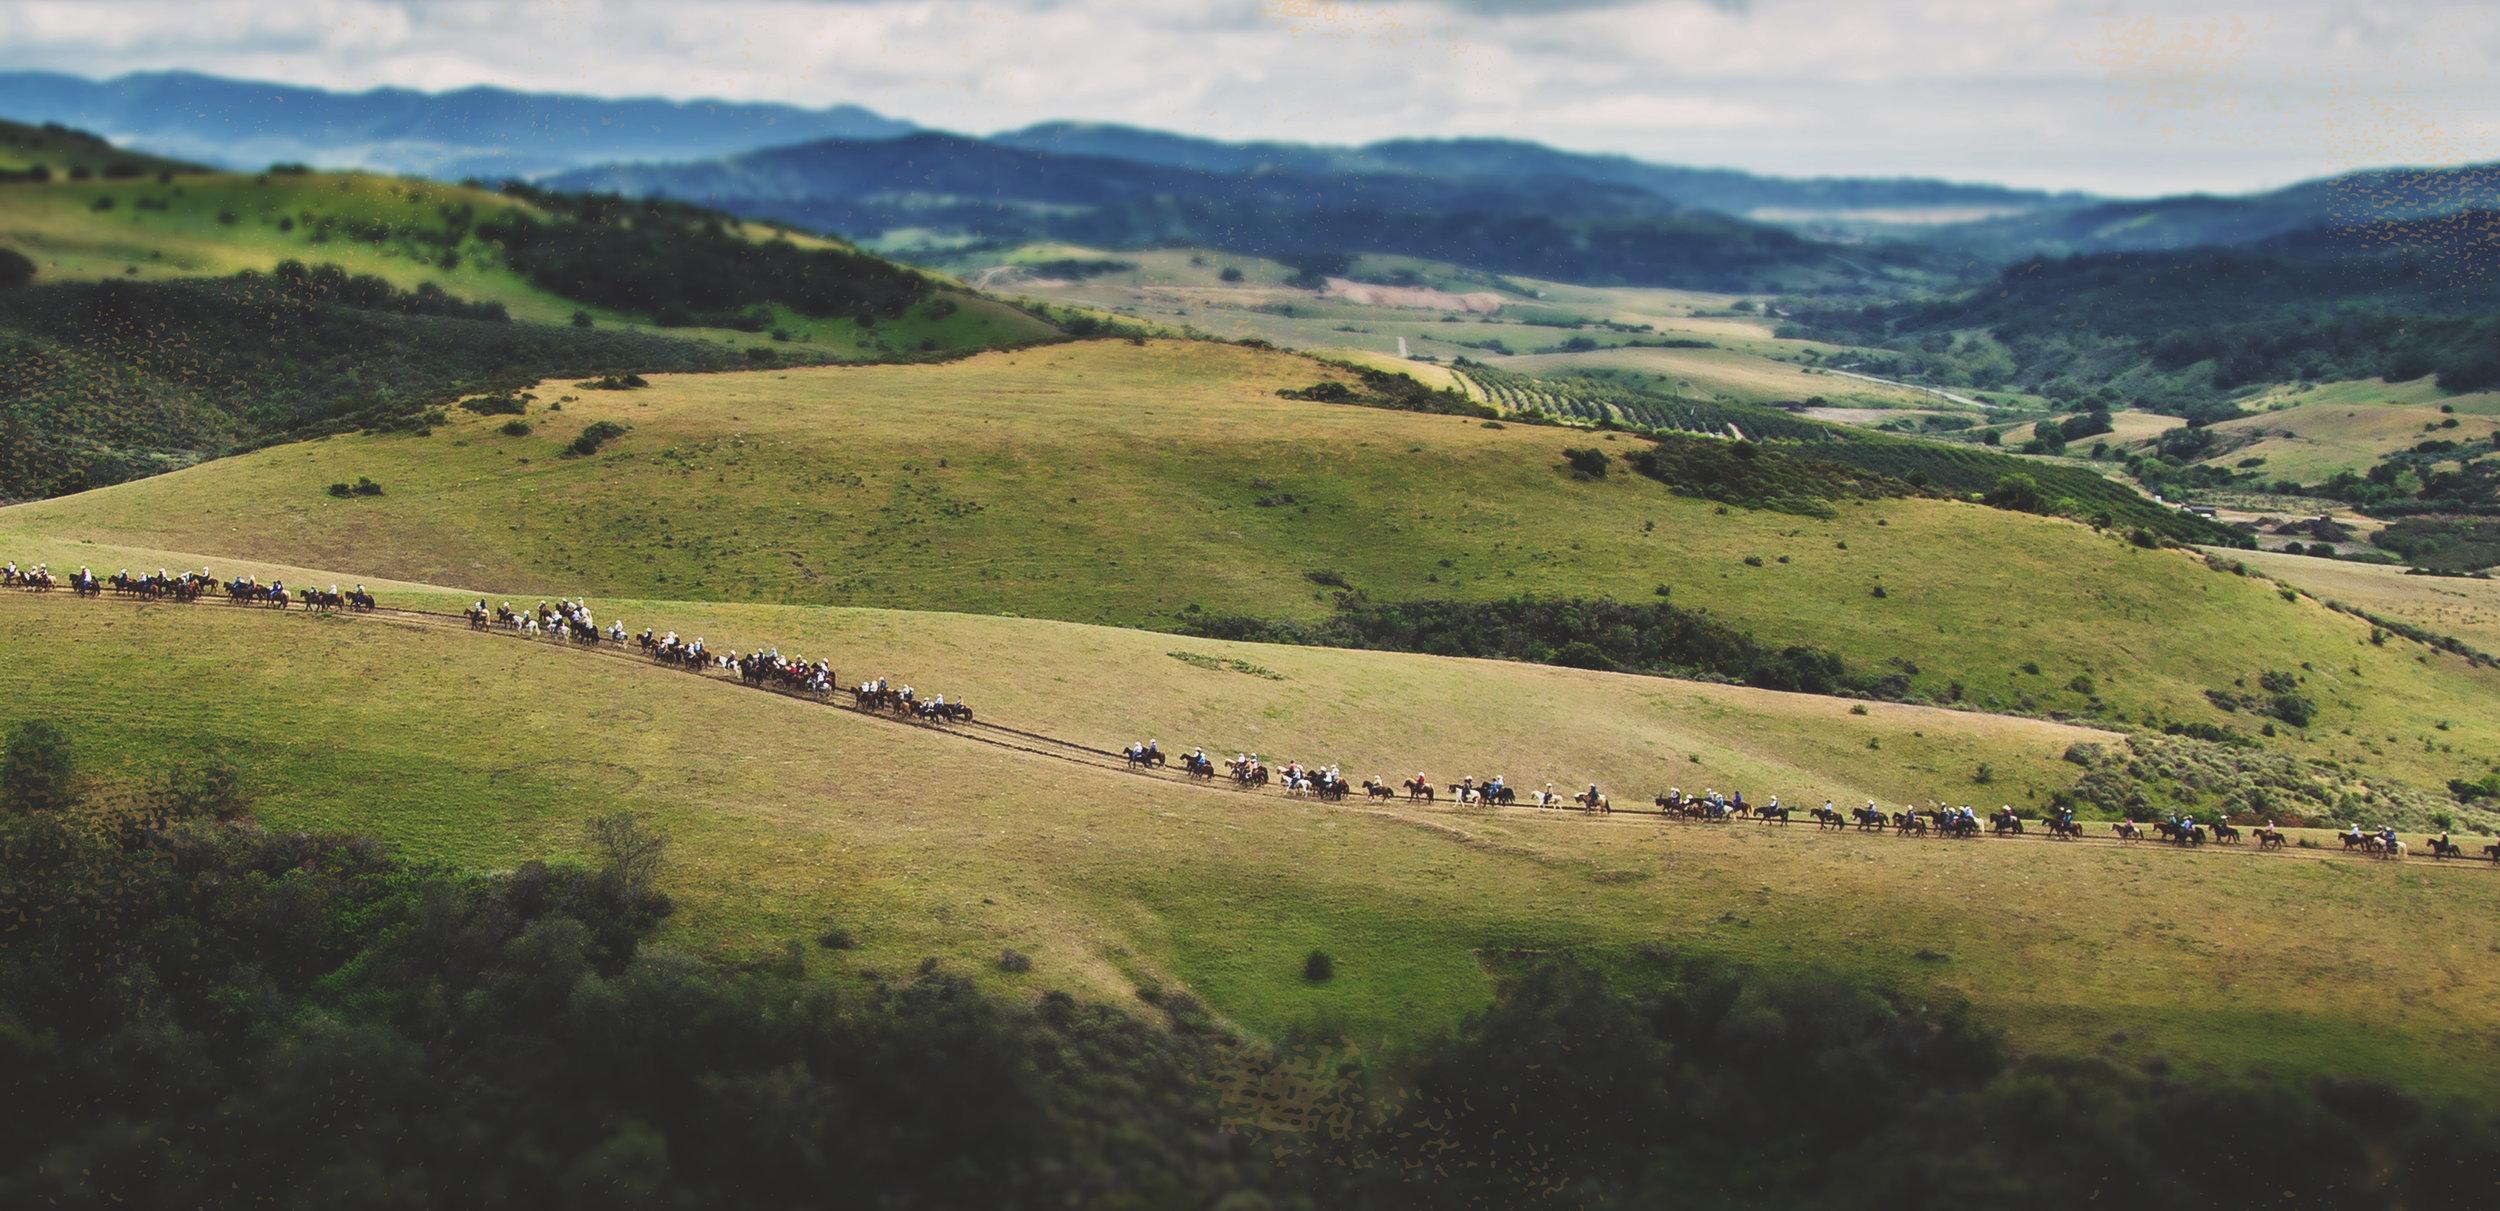 Boy Scouts  - Ranch cows 2.jpg